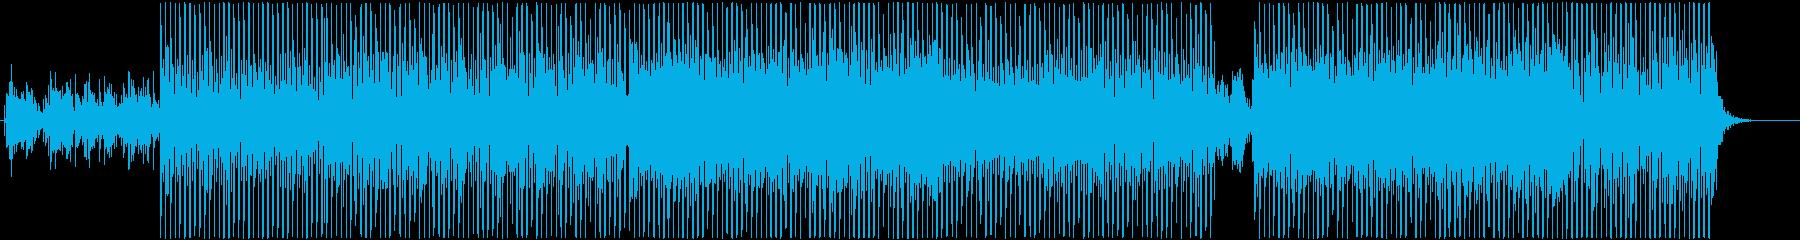 未来への高揚感のあるテクノポップの再生済みの波形